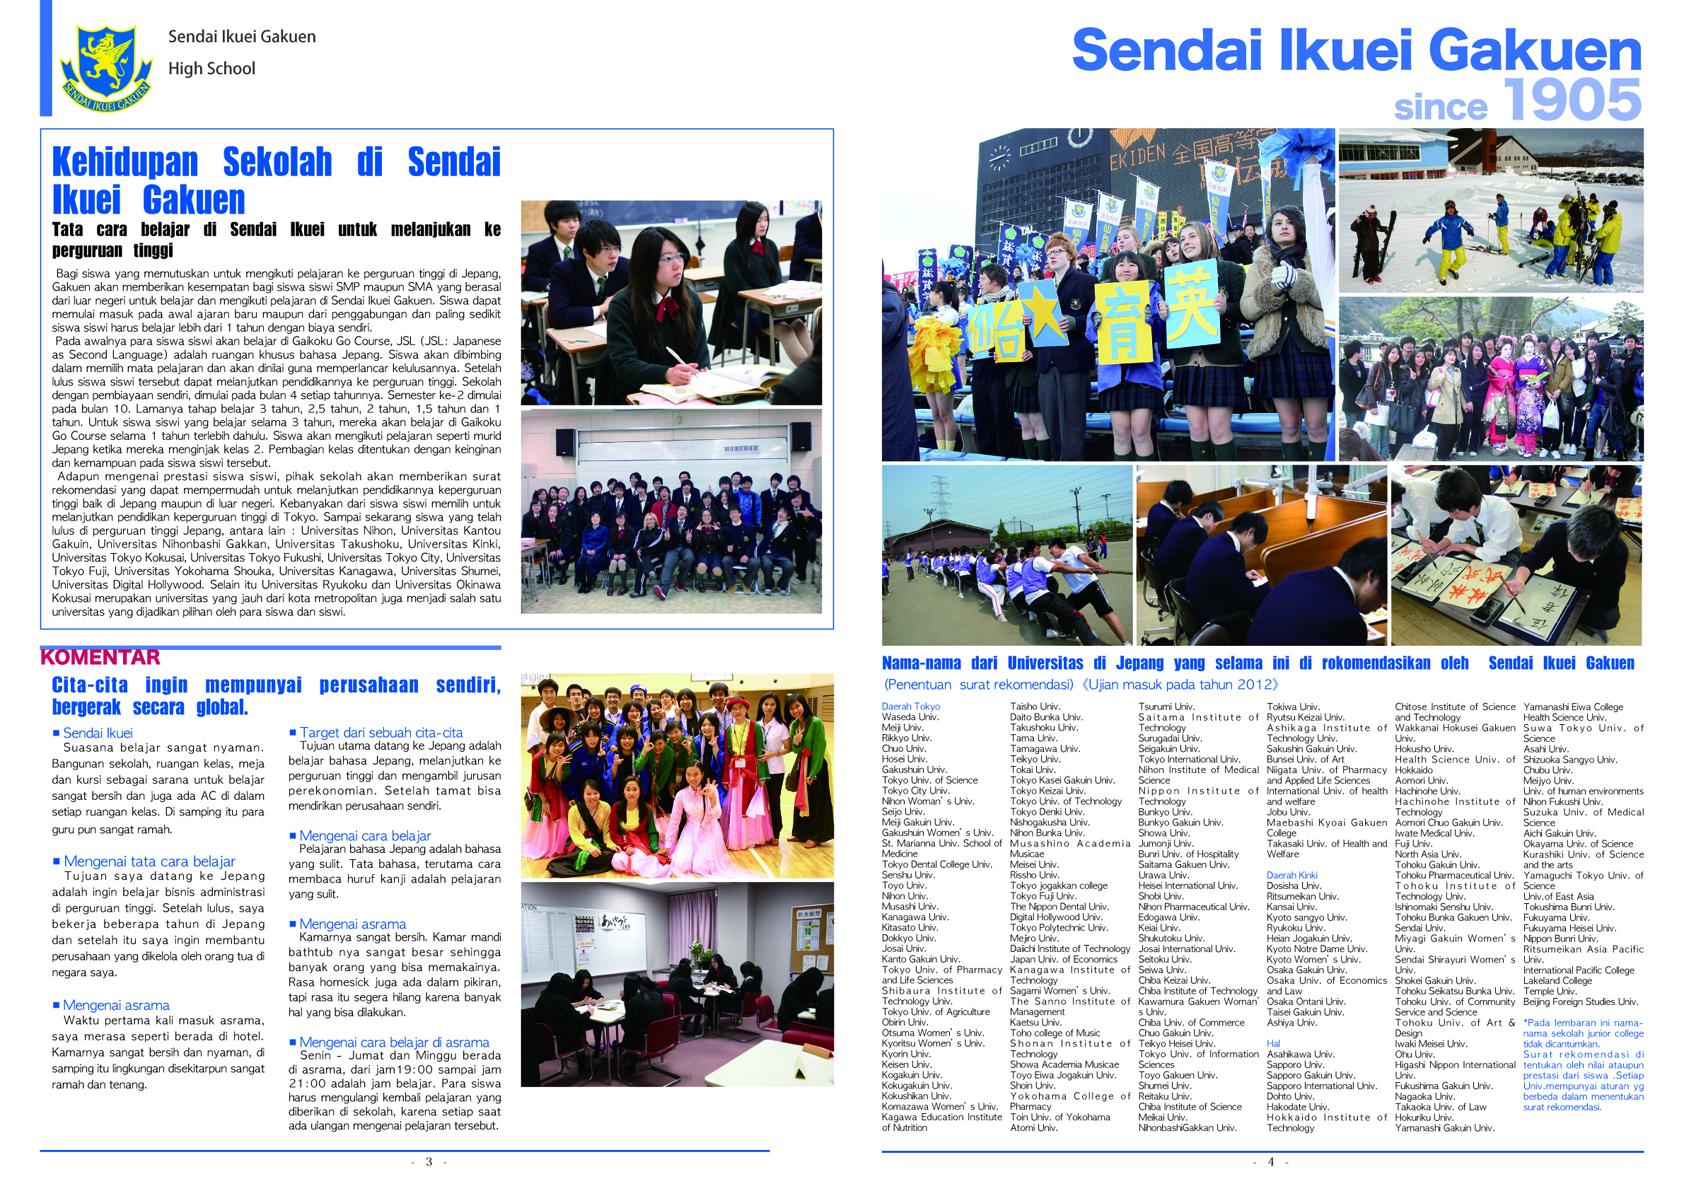 Sendai Ikuei Gakuen Senior High School Japan - Boading School3